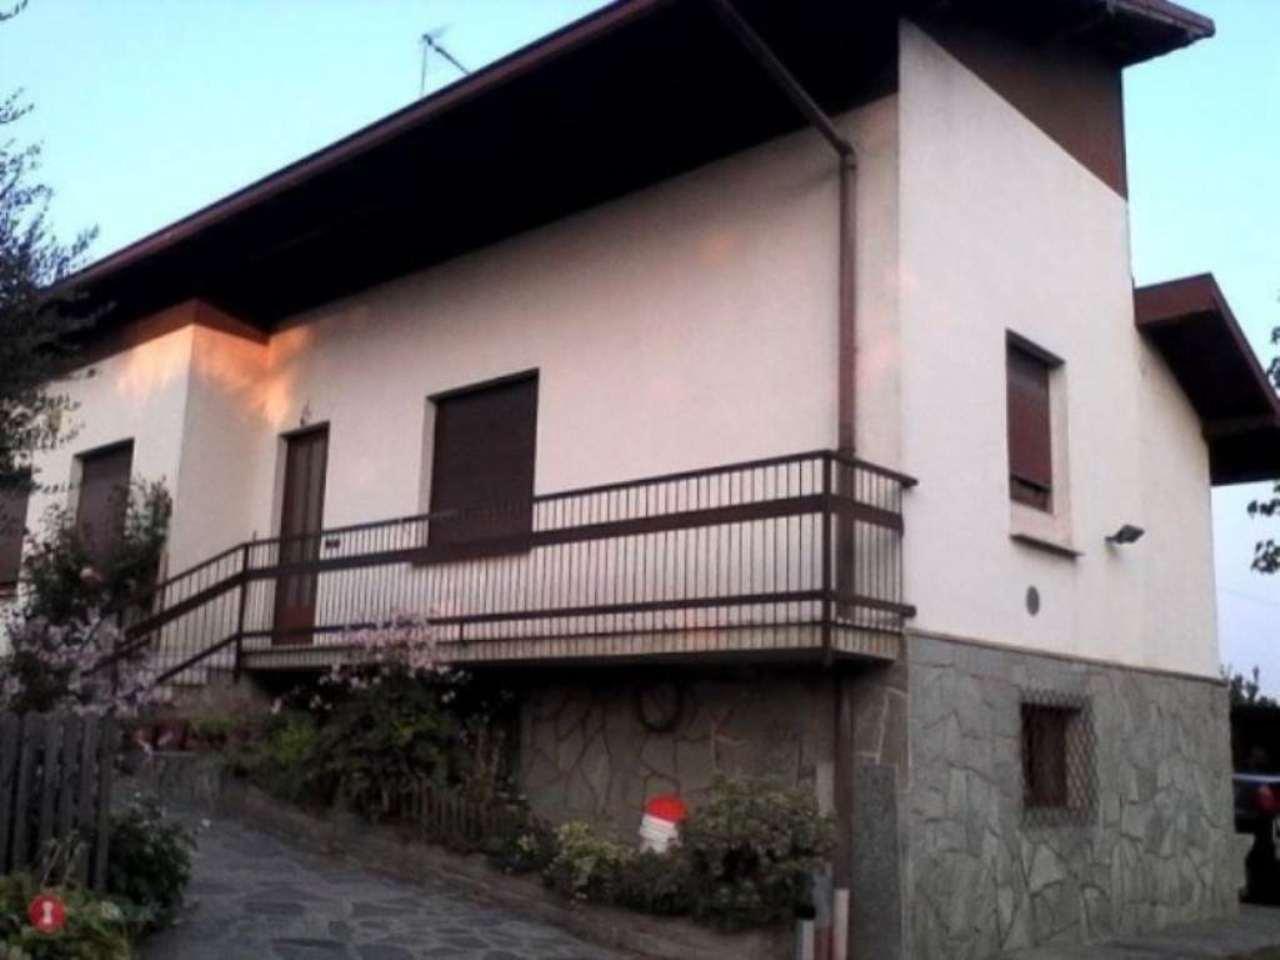 Soluzione Indipendente in vendita a Sumirago, 8 locali, prezzo € 299.000 | Cambio Casa.it